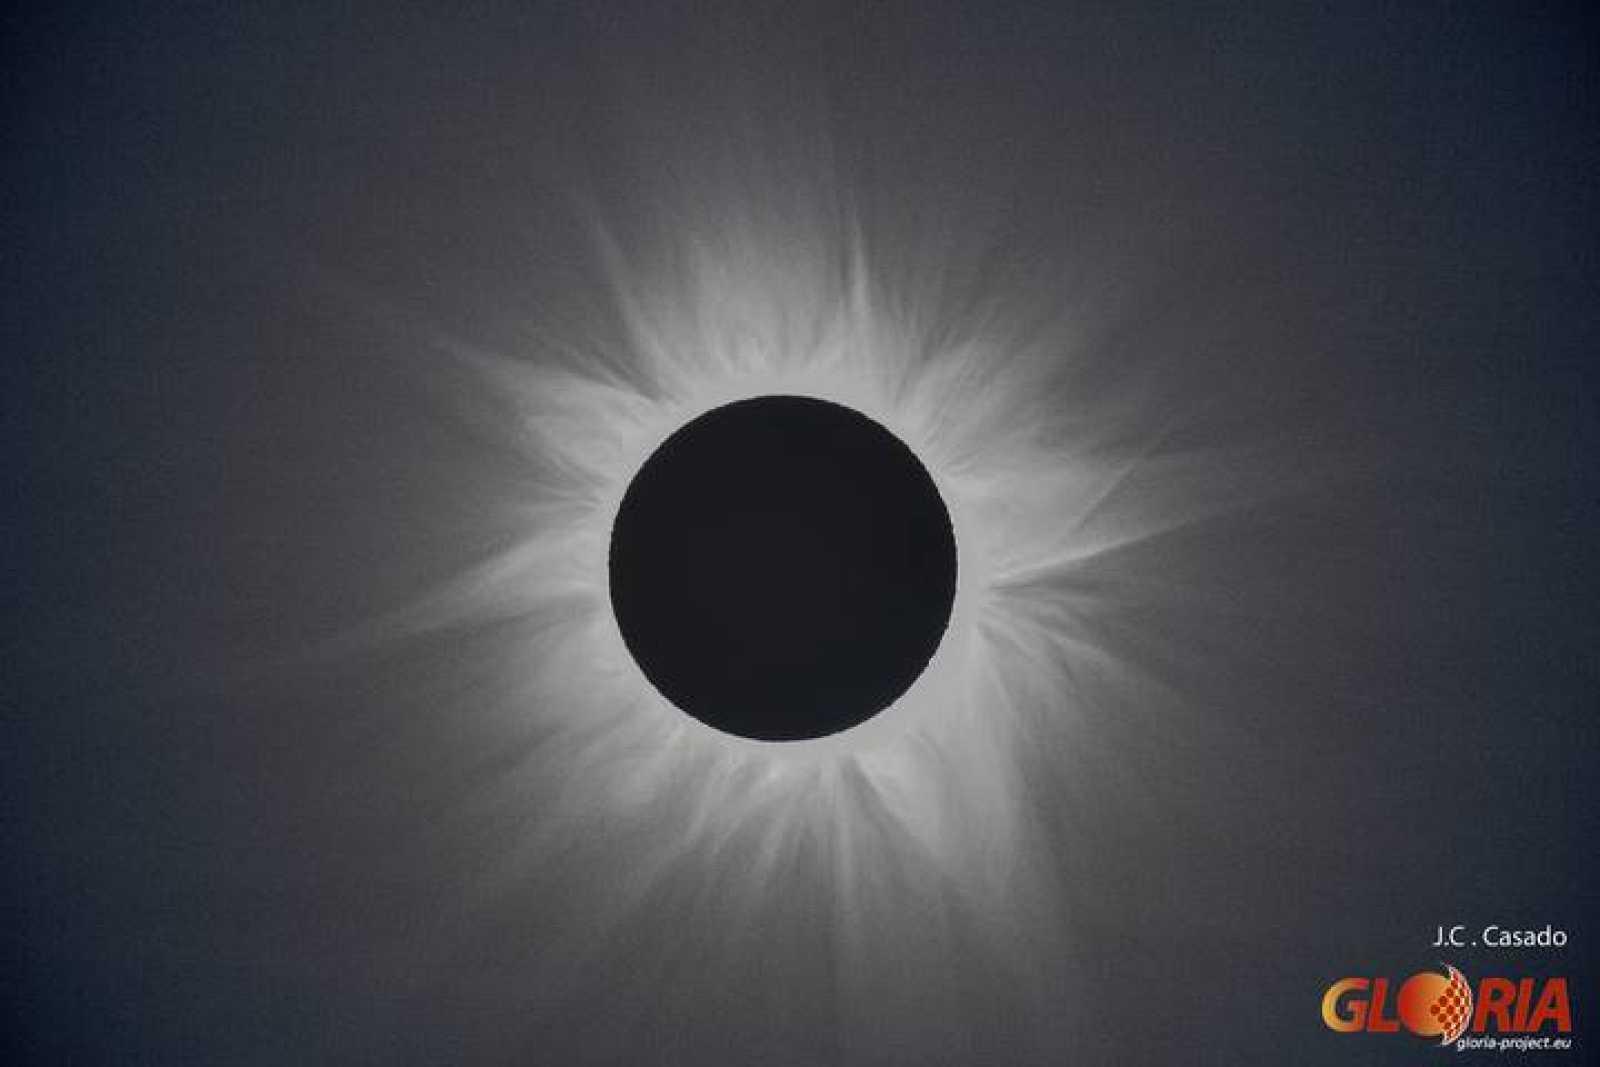 Corona solar observada desde el Outback Australiano (Bob's Lookup, Queensland, Australia) el 14 de noviembre de 2012.